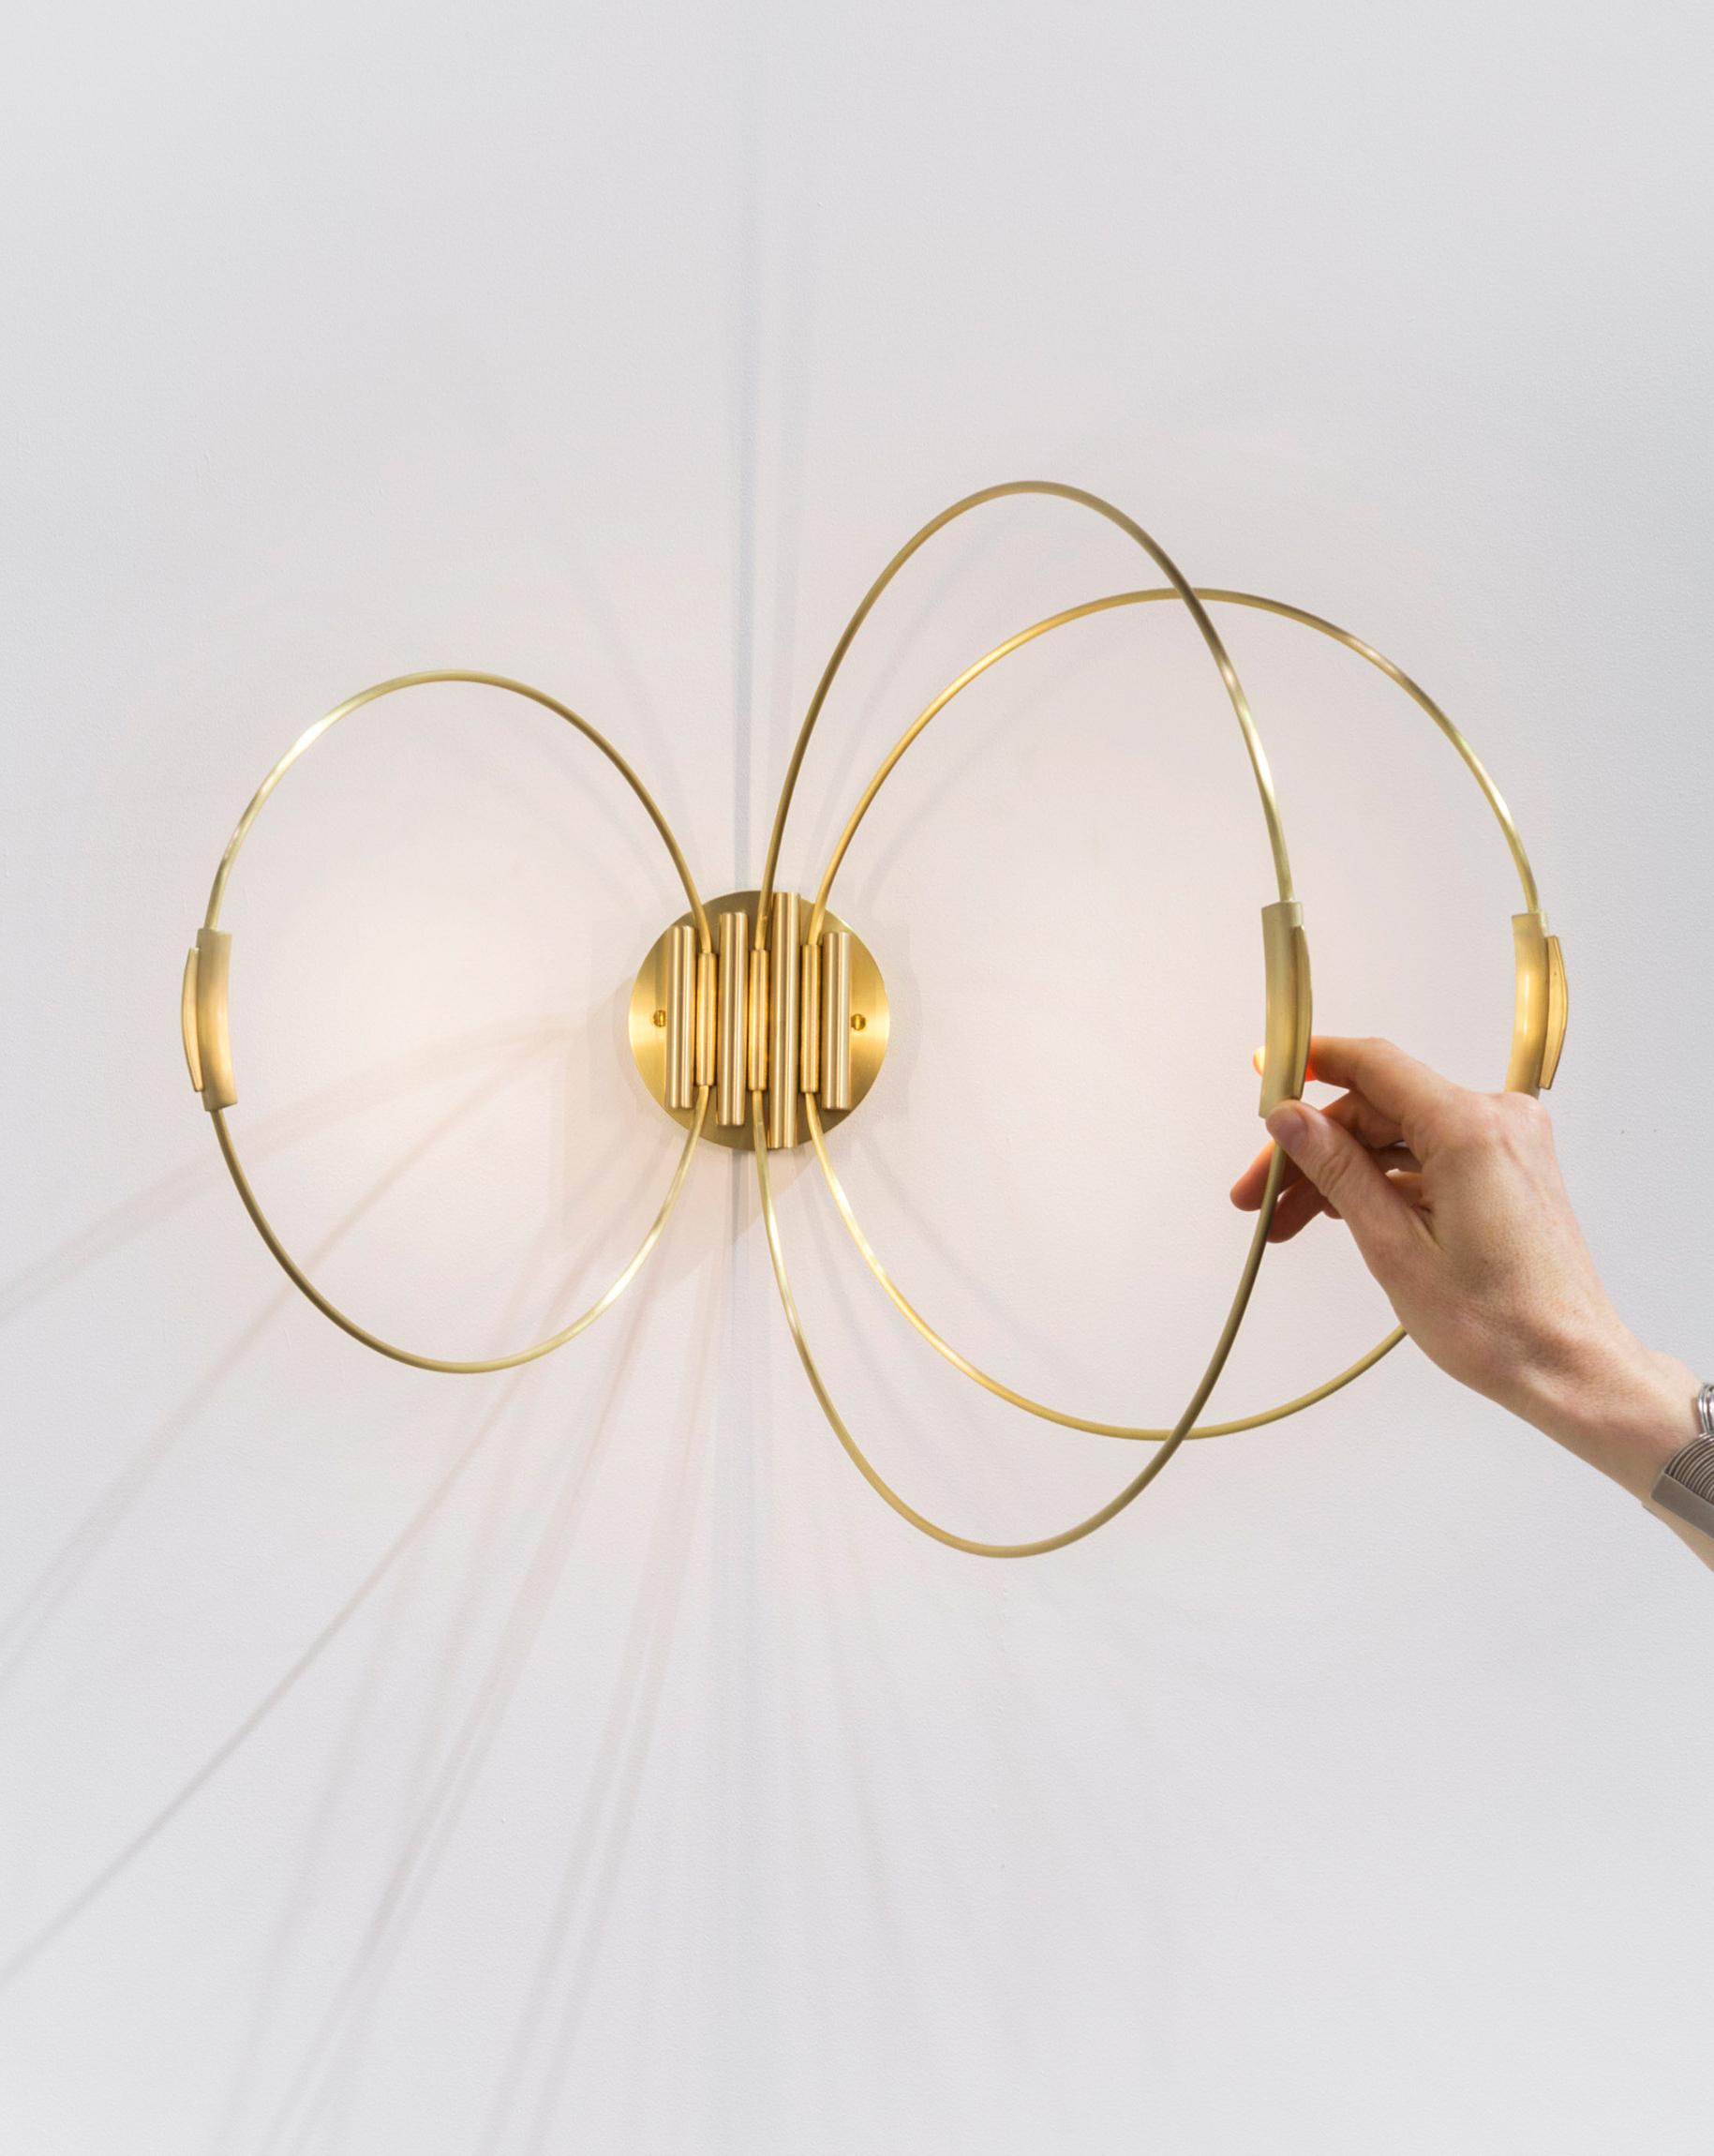 3-rings-sconce-elish-warlop-2.jpg